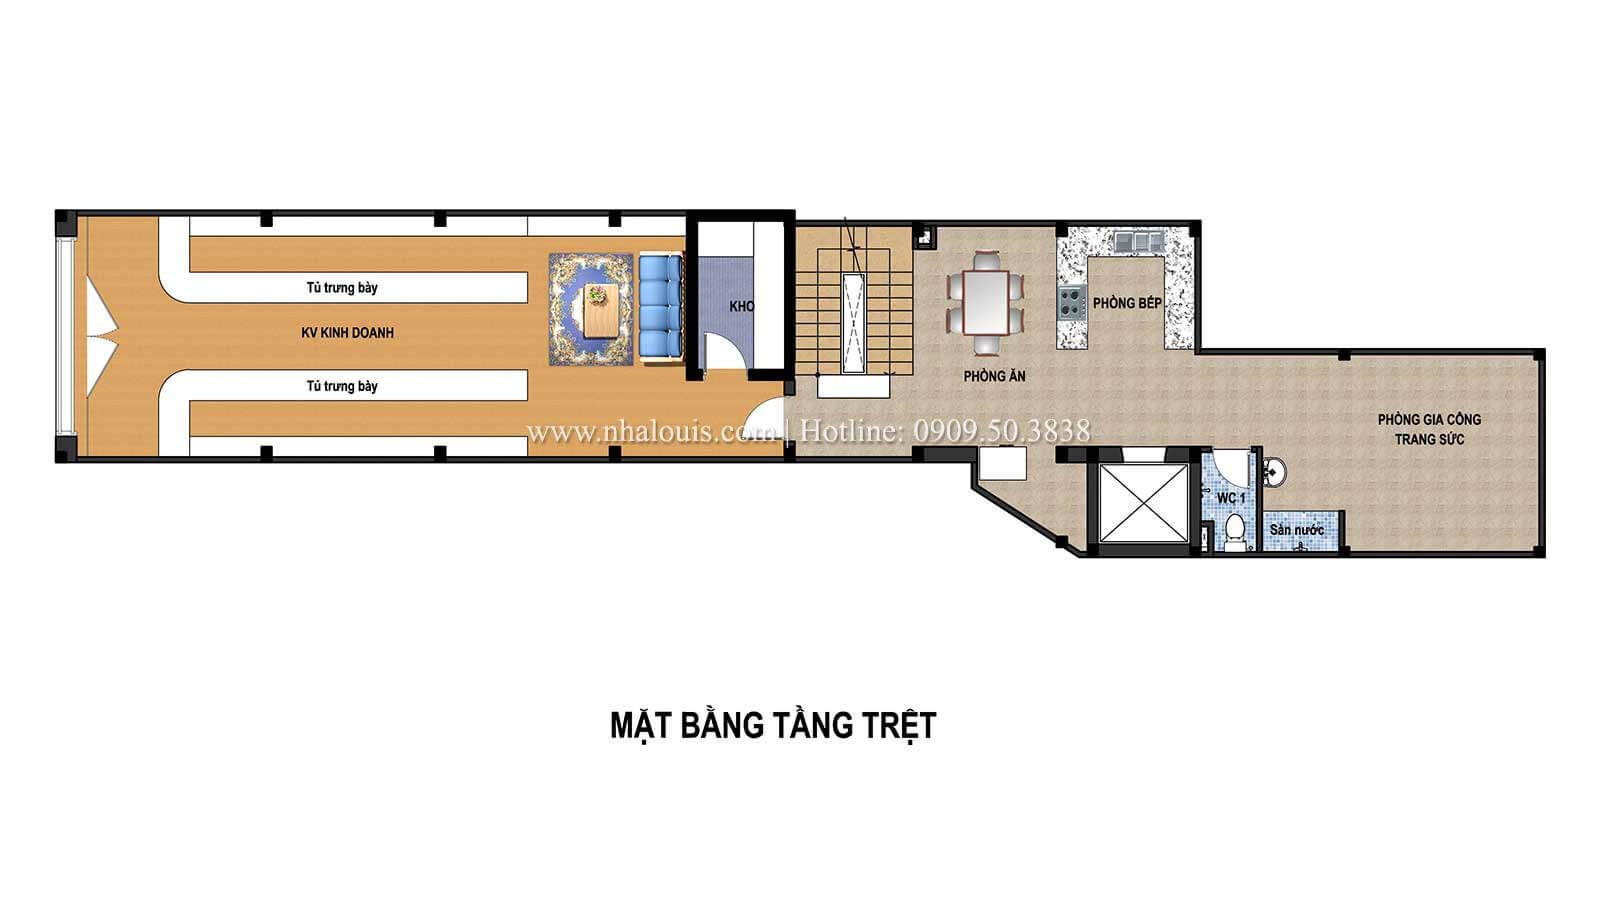 Mặt bằng tầng trệt Thiết kế tiệm vàng tại Nhà Bè chuẩn sang trọng với phong cách tân cổ điển - 03